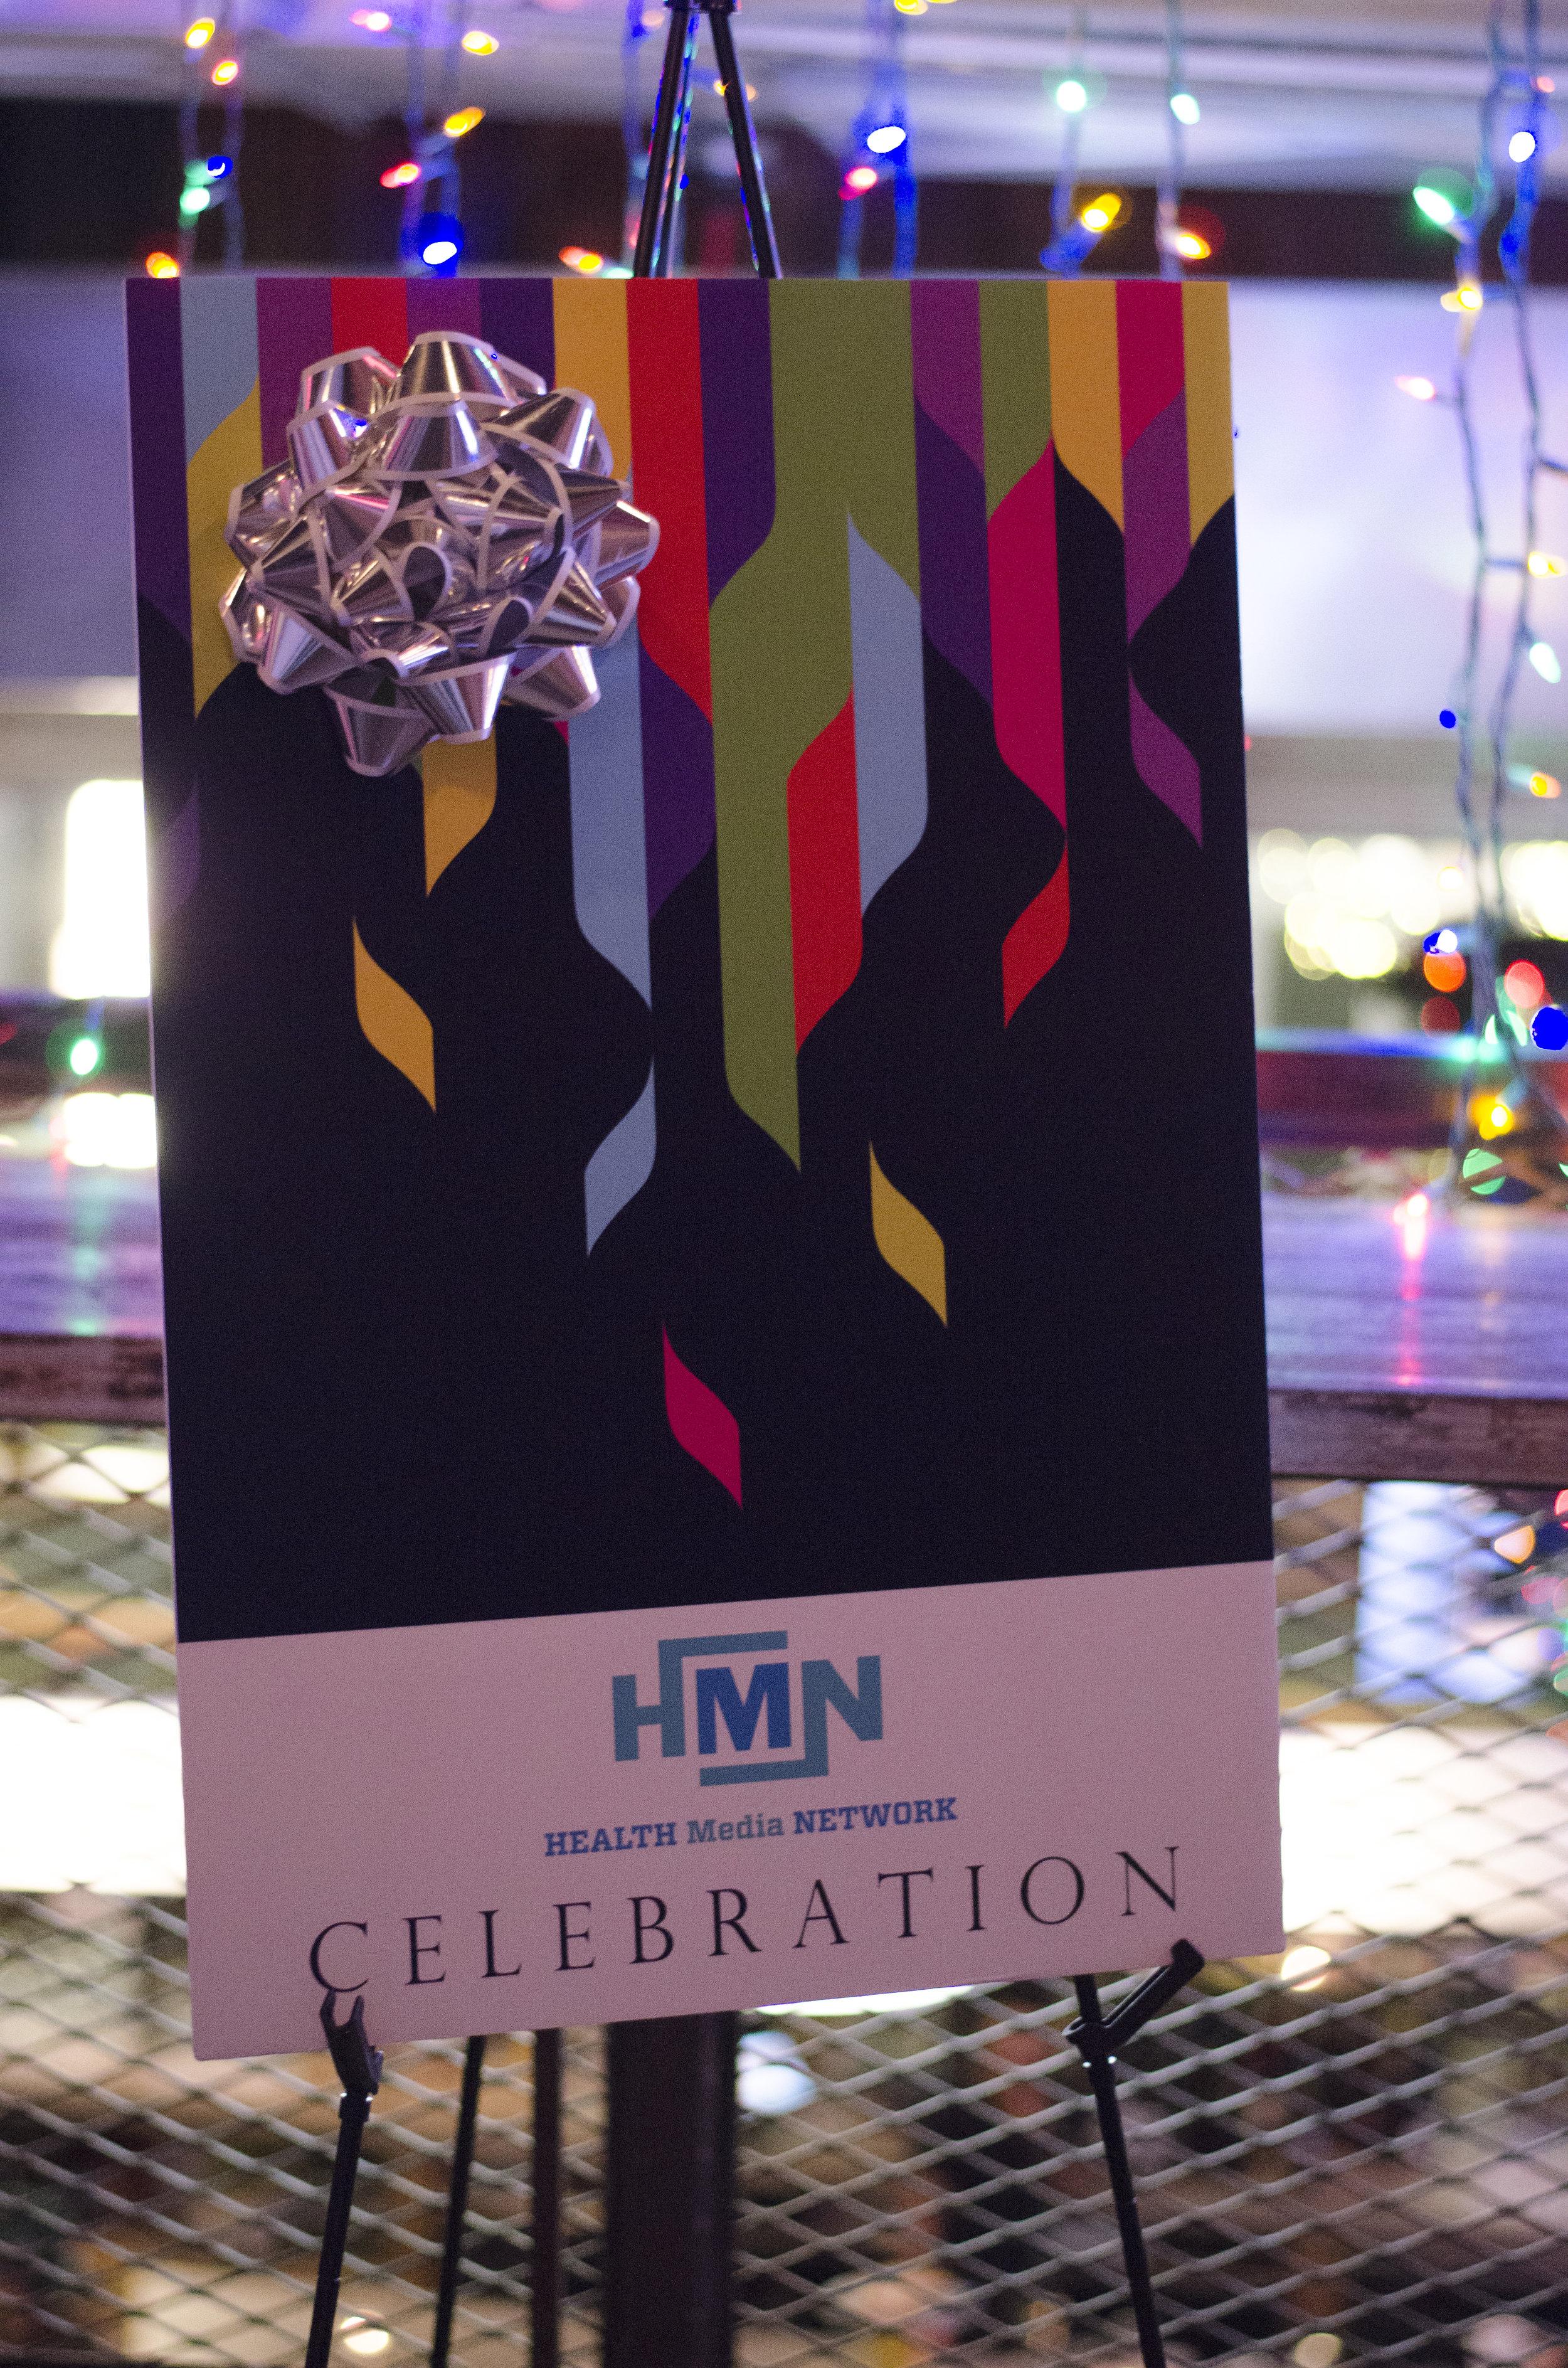 HMN Holiday Poster 1.jpg